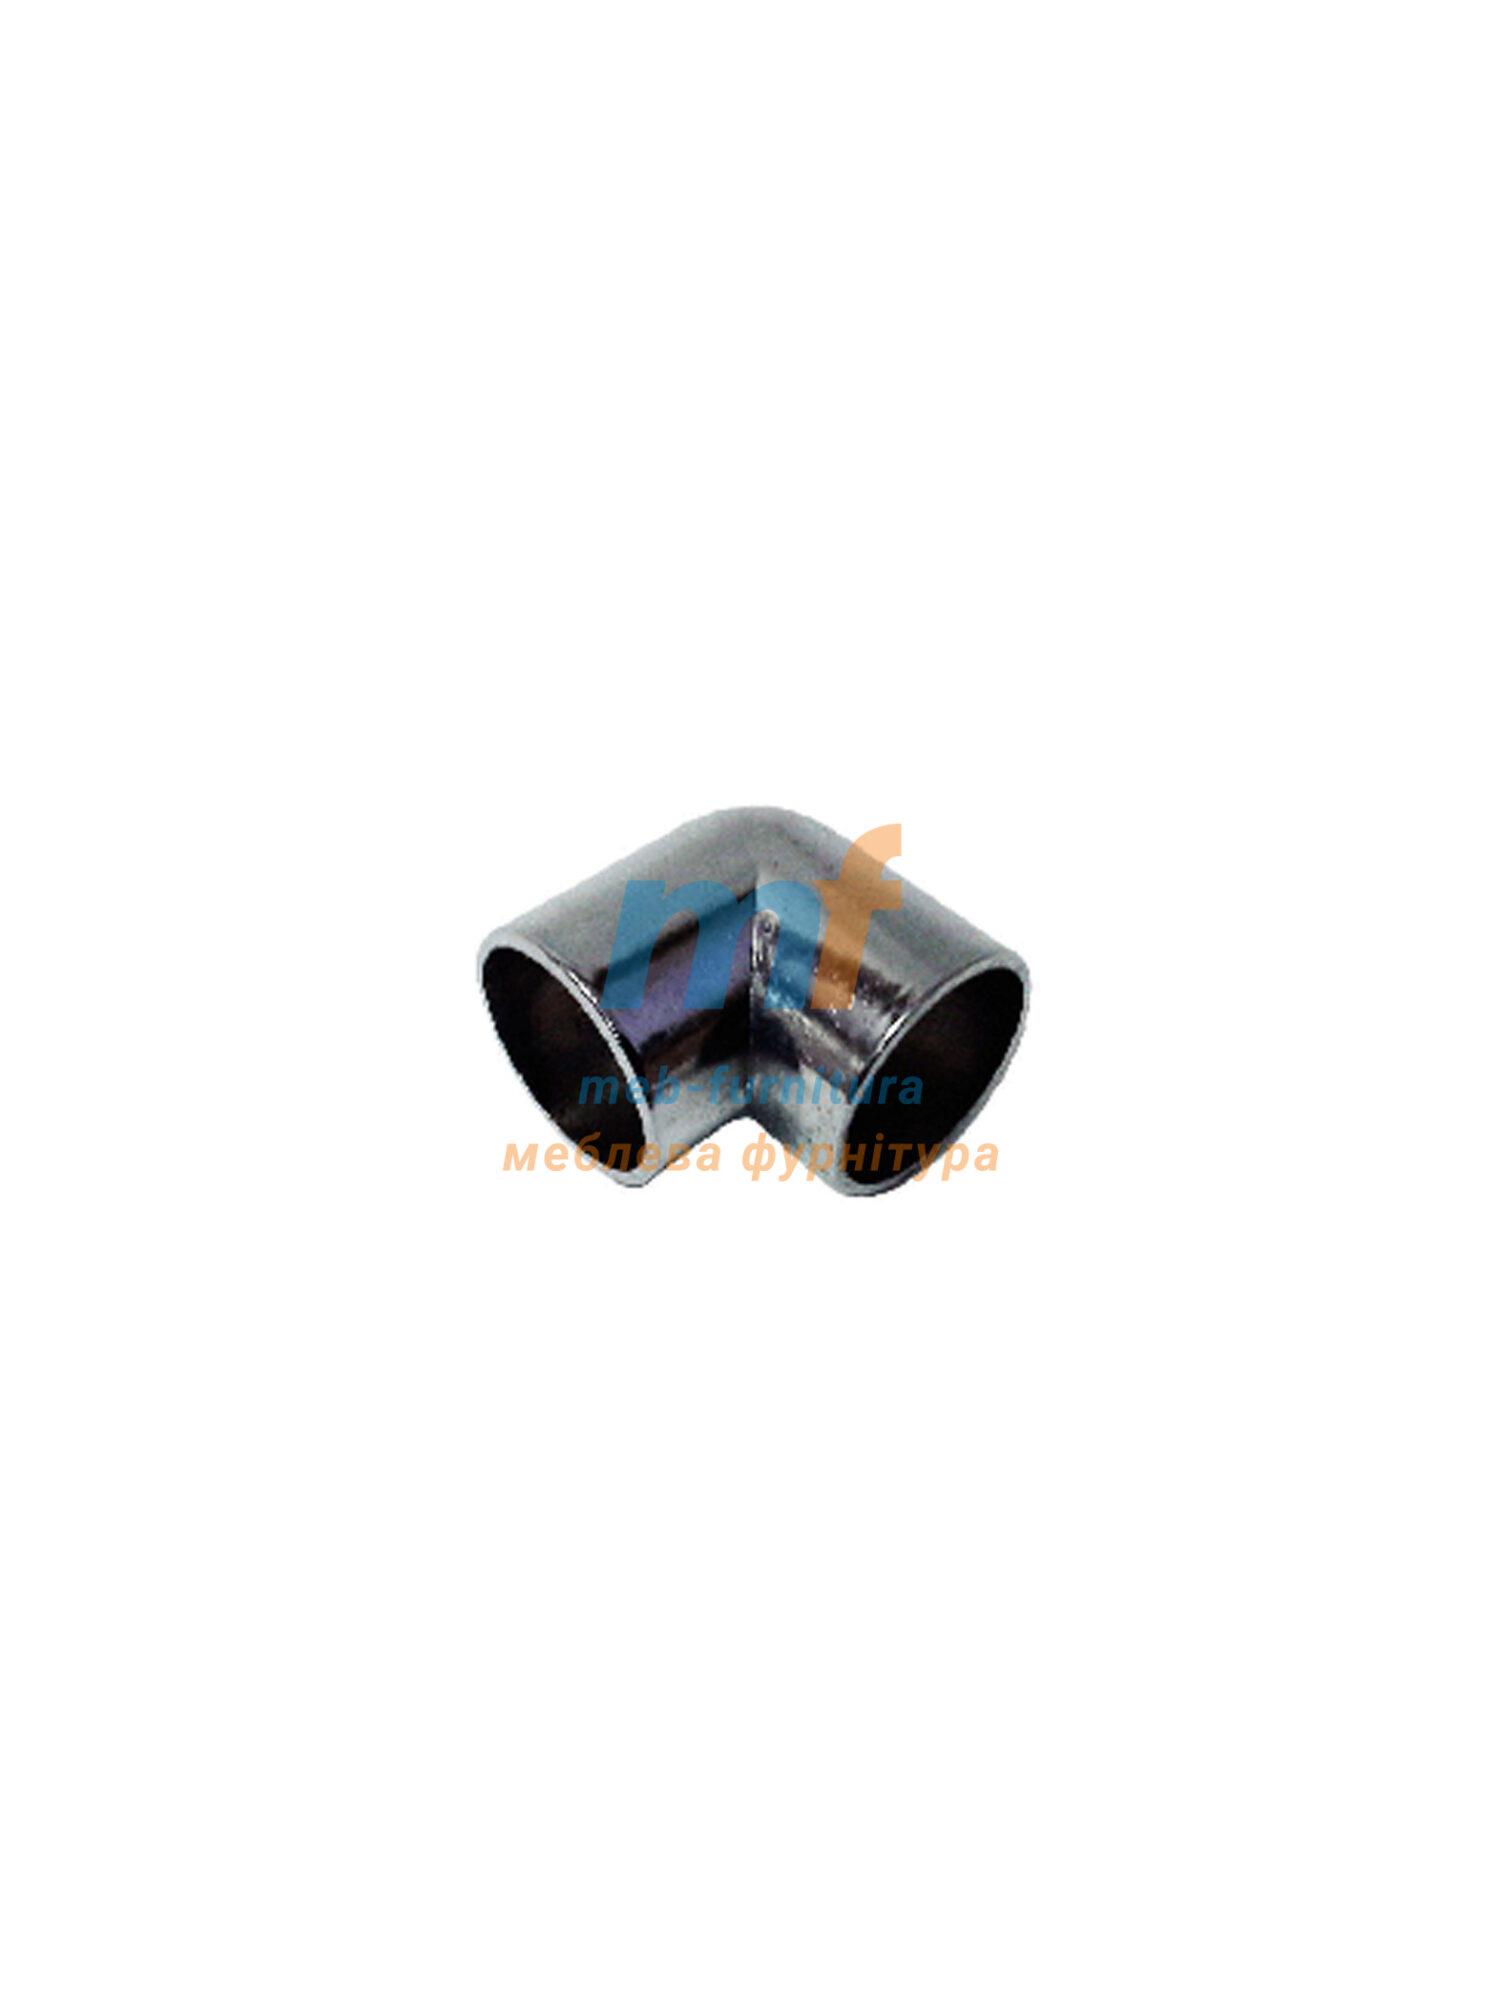 Соединение для трубы 25мм 8h09